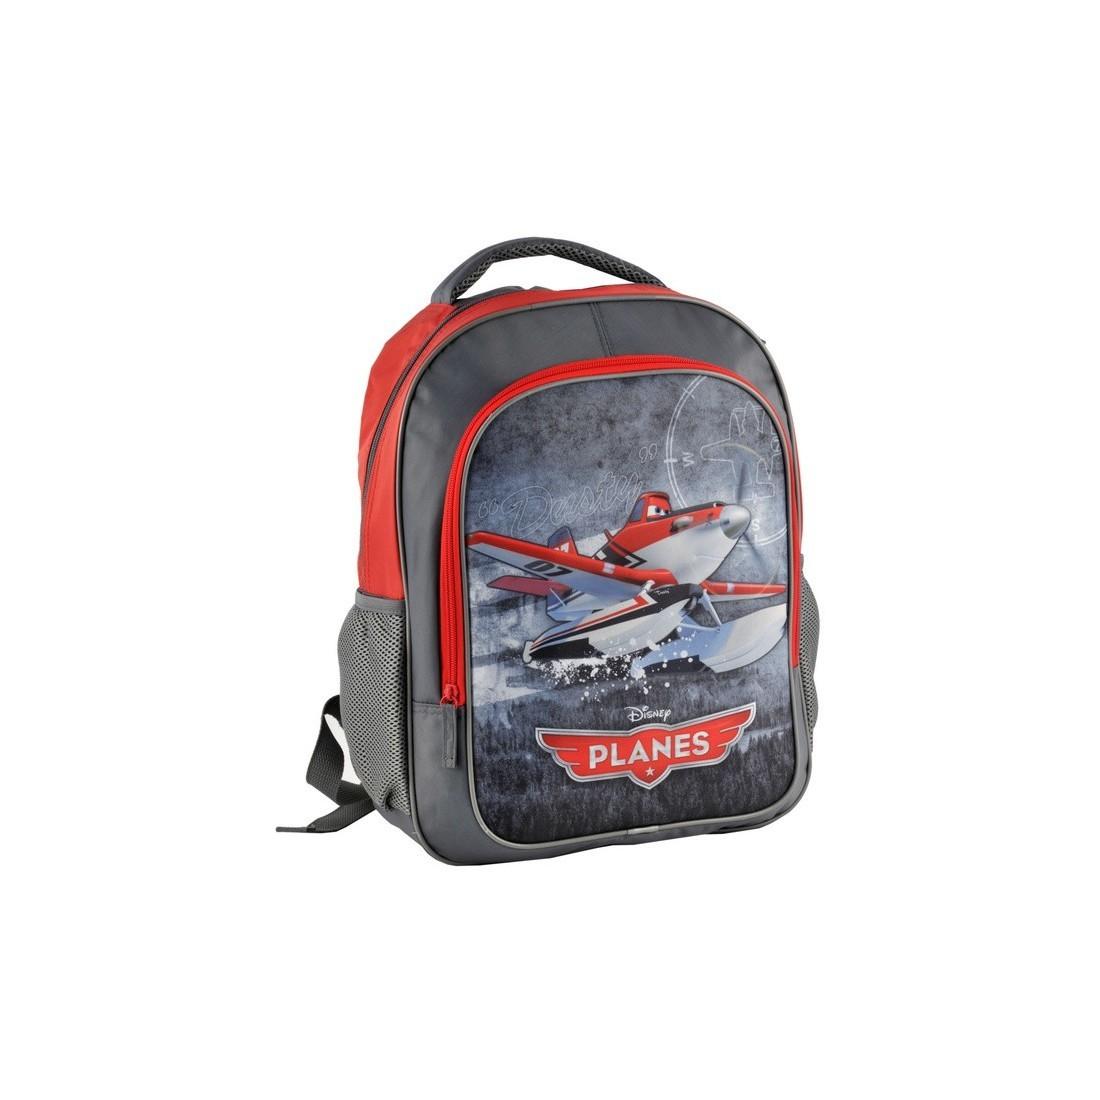 Plecak szkolny Samoloty Planes szaro czerwony - plecak-tornister.pl